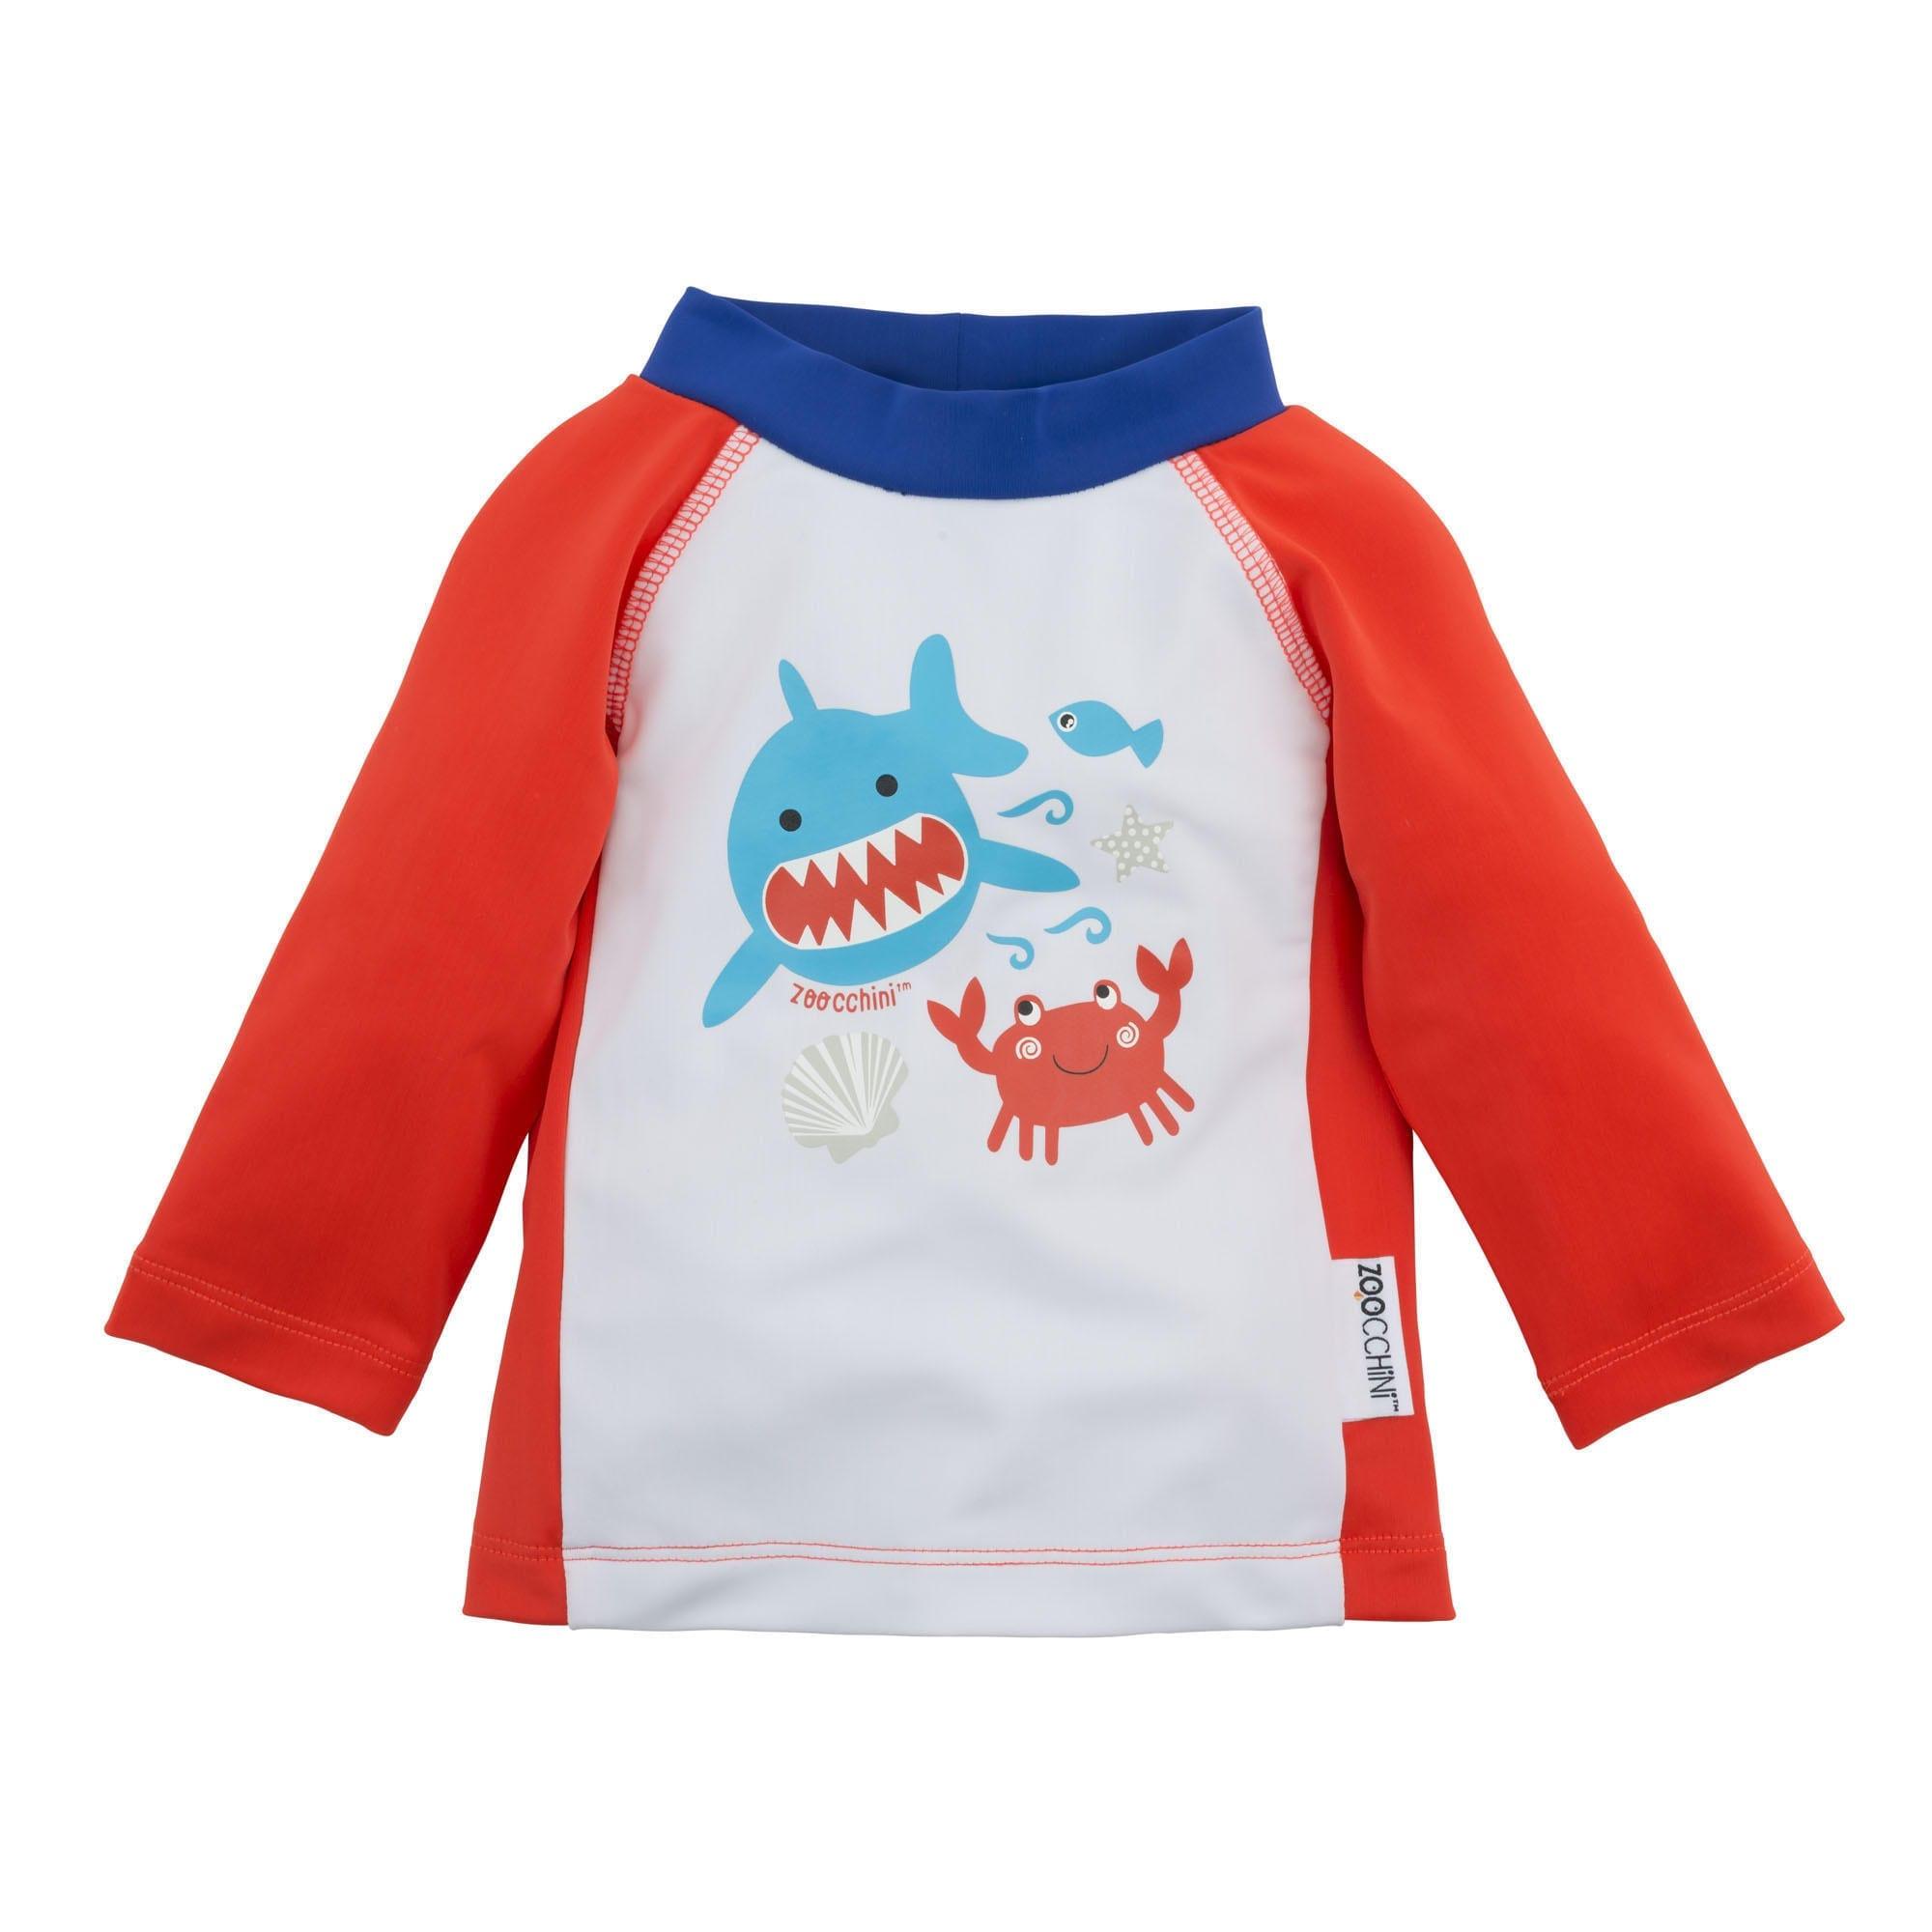 Zoocchini Baby Rashguard Shark